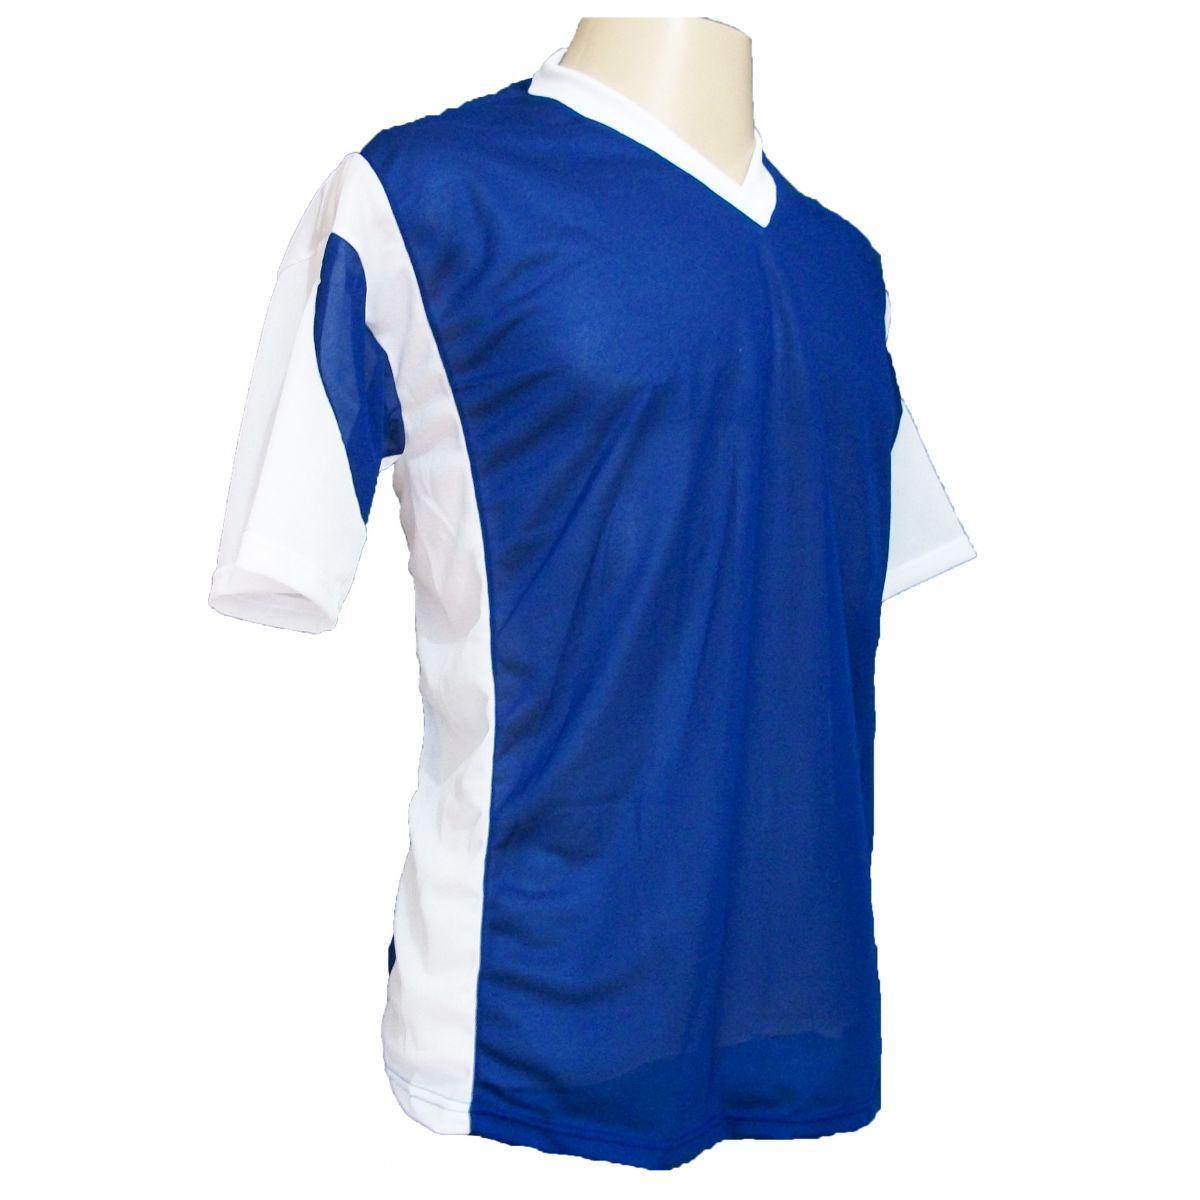 Jogo de Camisa Promocional com 18 Peças Numeradas Modelo Attack  Royal Branco - Frete Grátis Brasil - Kanga sport R  299 c8995700dd8c6